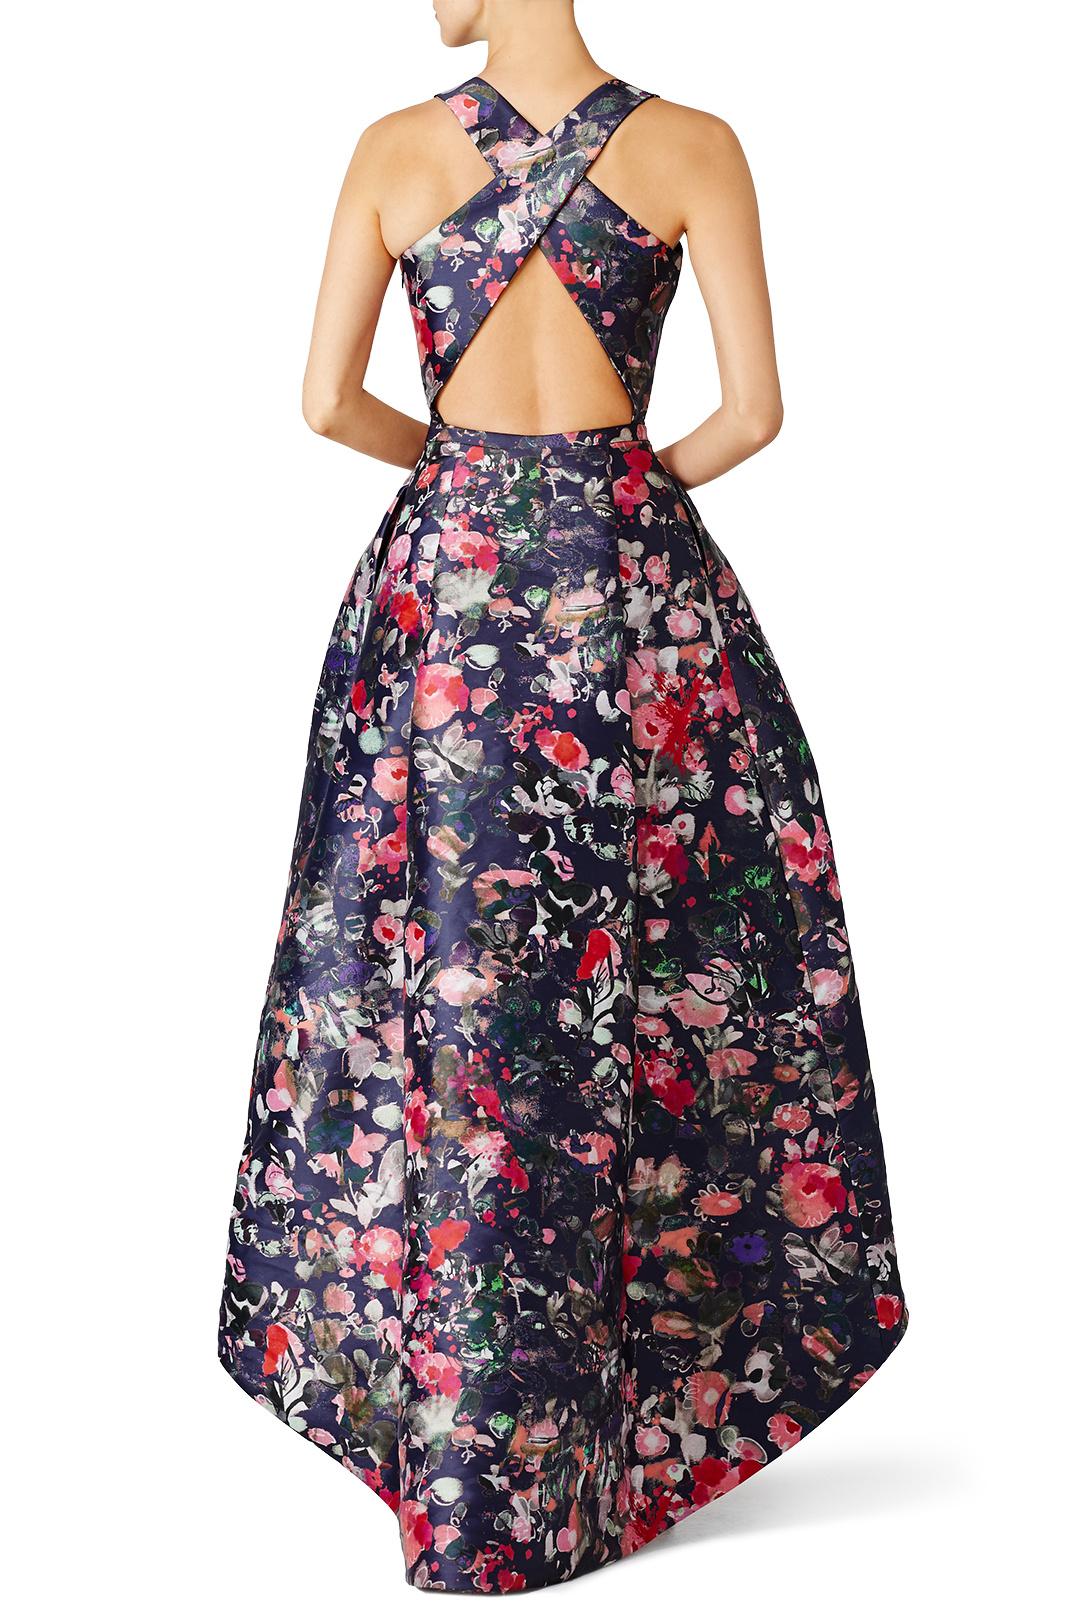 Monique Lhullier Floral Jadore Gown